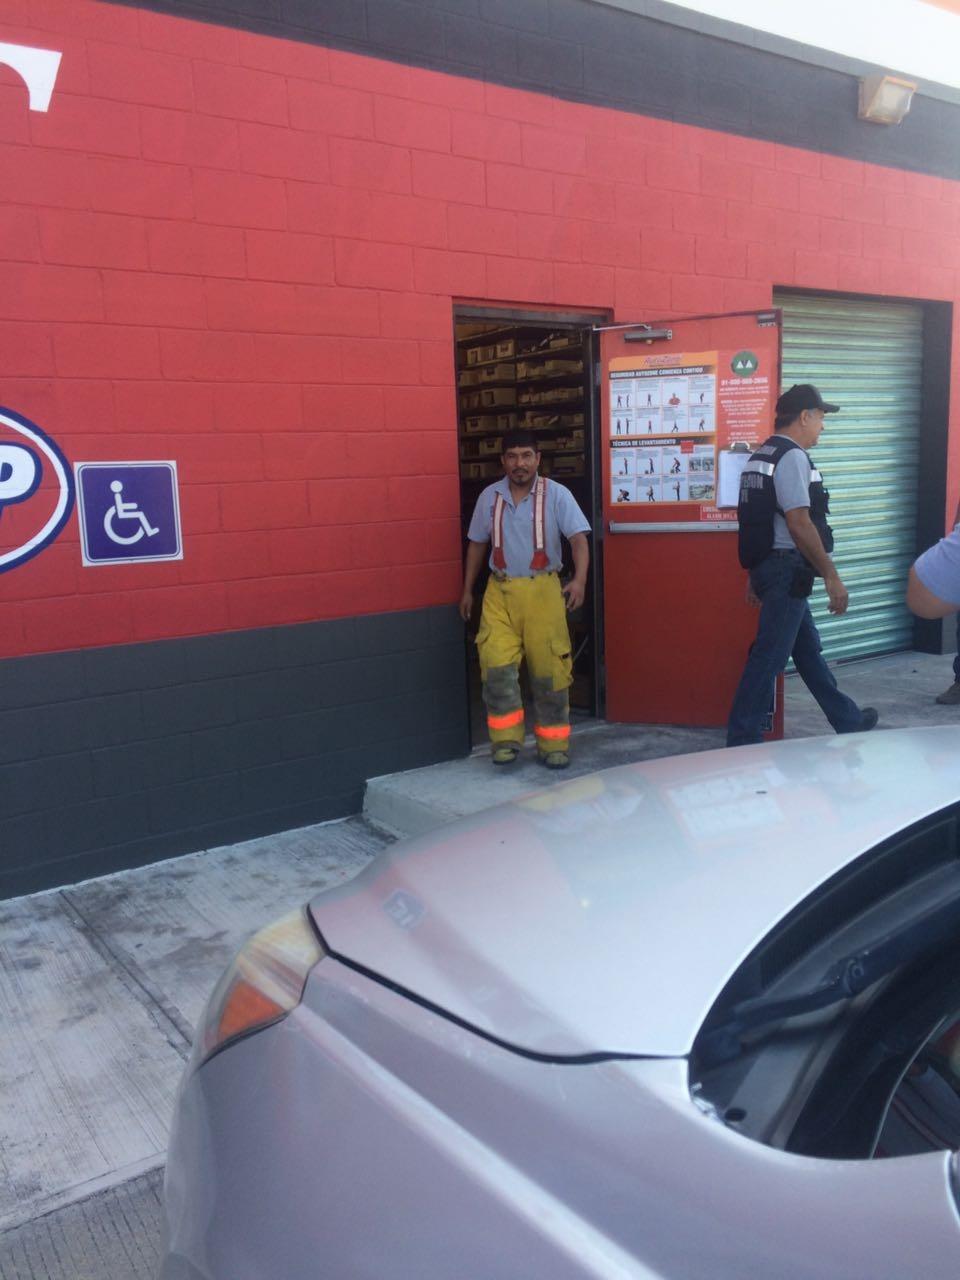 EMERGENCIA. Los elementos de bomberos y personal de Protección Civil comprobaron que las salidas de emergencias del establecimiento comercial se encuentran en óptimas condiciones para usarse en caso de contingencia.